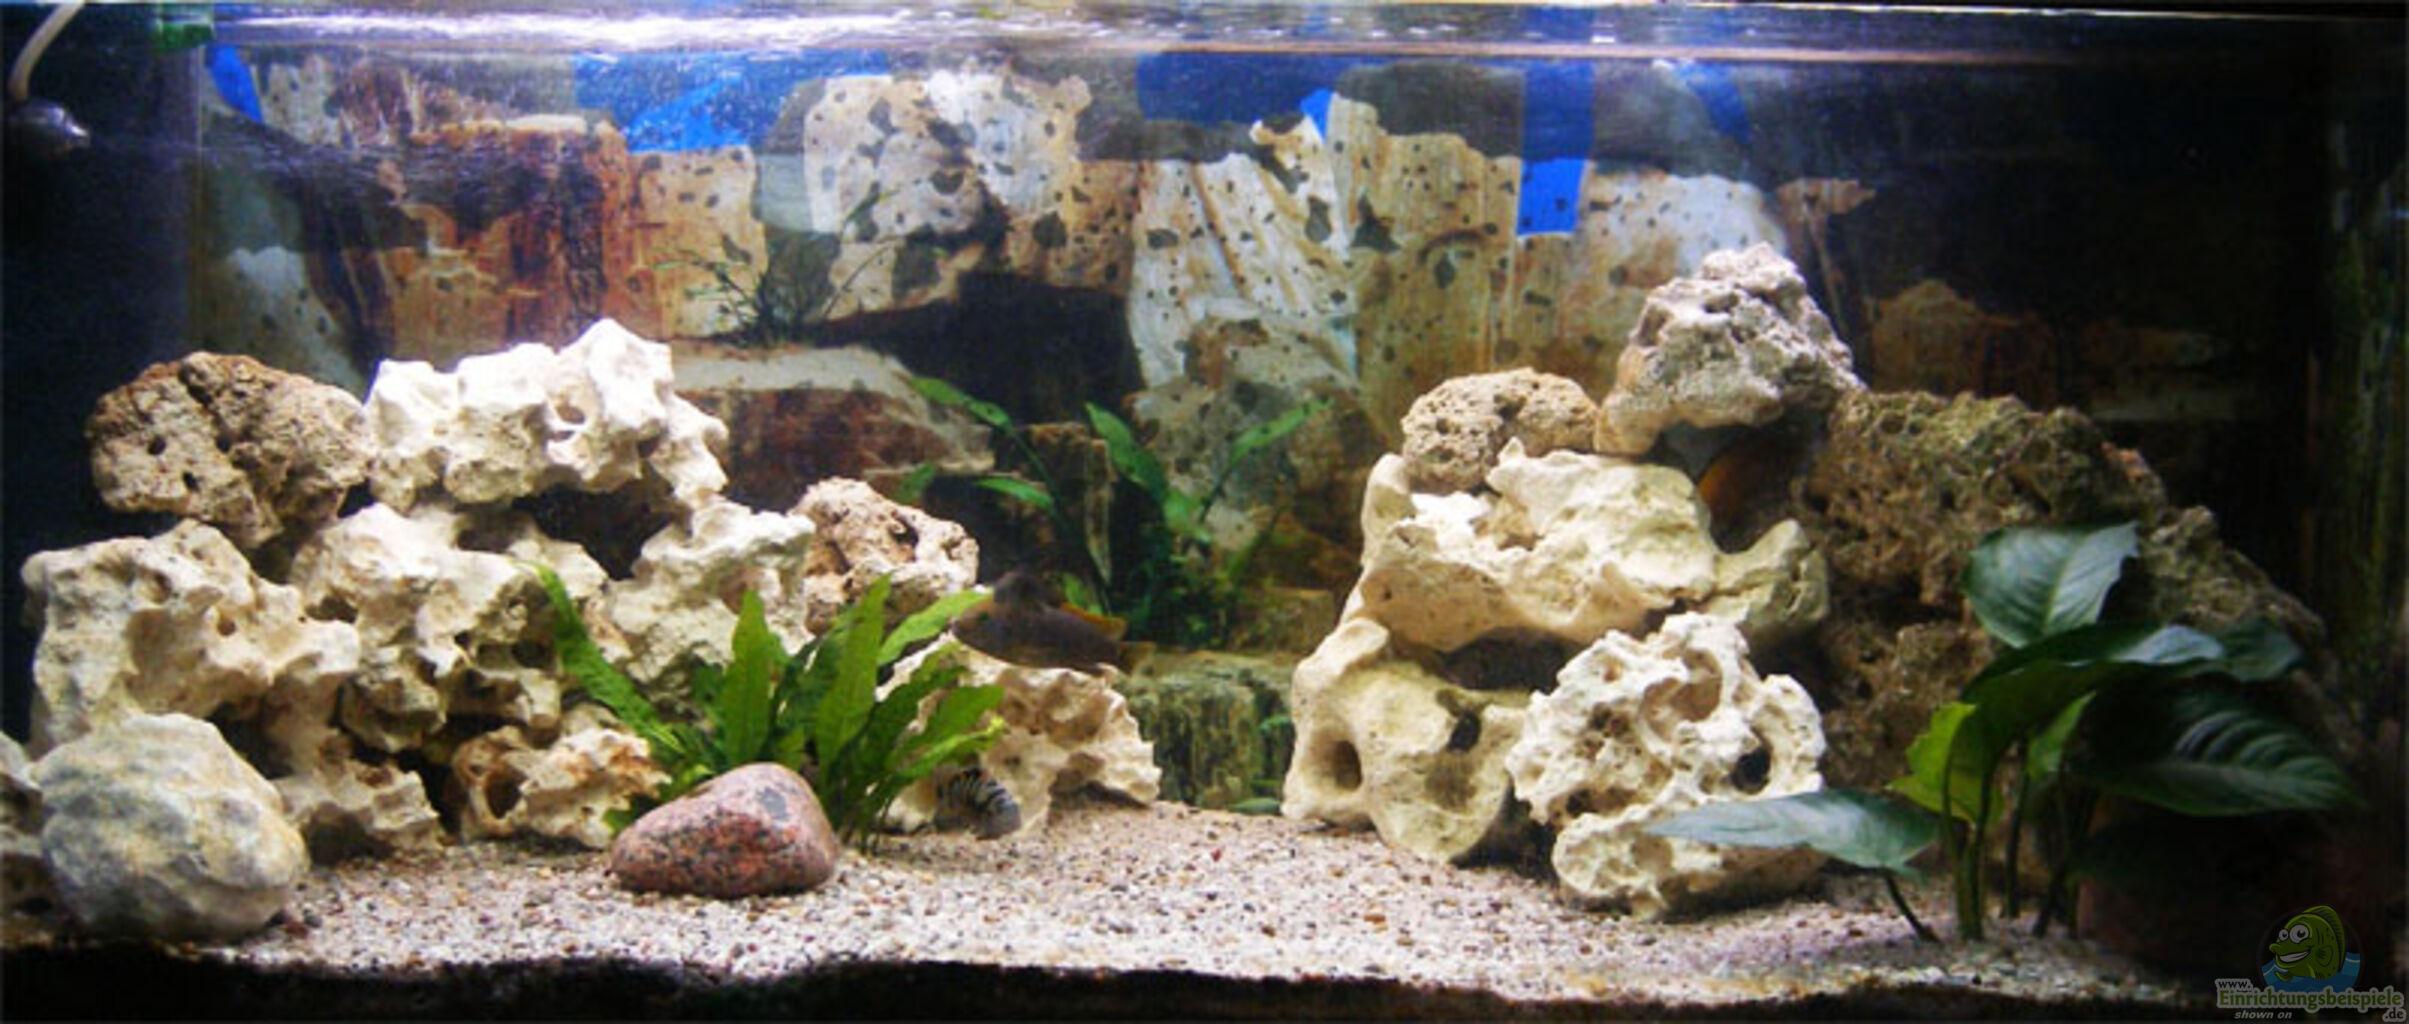 aquarium von malawiwolf becken 6797. Black Bedroom Furniture Sets. Home Design Ideas